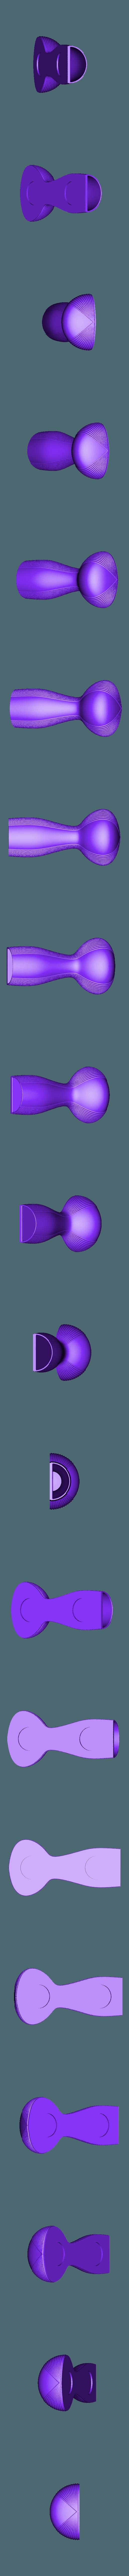 Trial_Magnetic_Vase_v10.stl Download free STL file Dualstrusion mini fridge magnet vase • 3D printing model, 3D-Designs